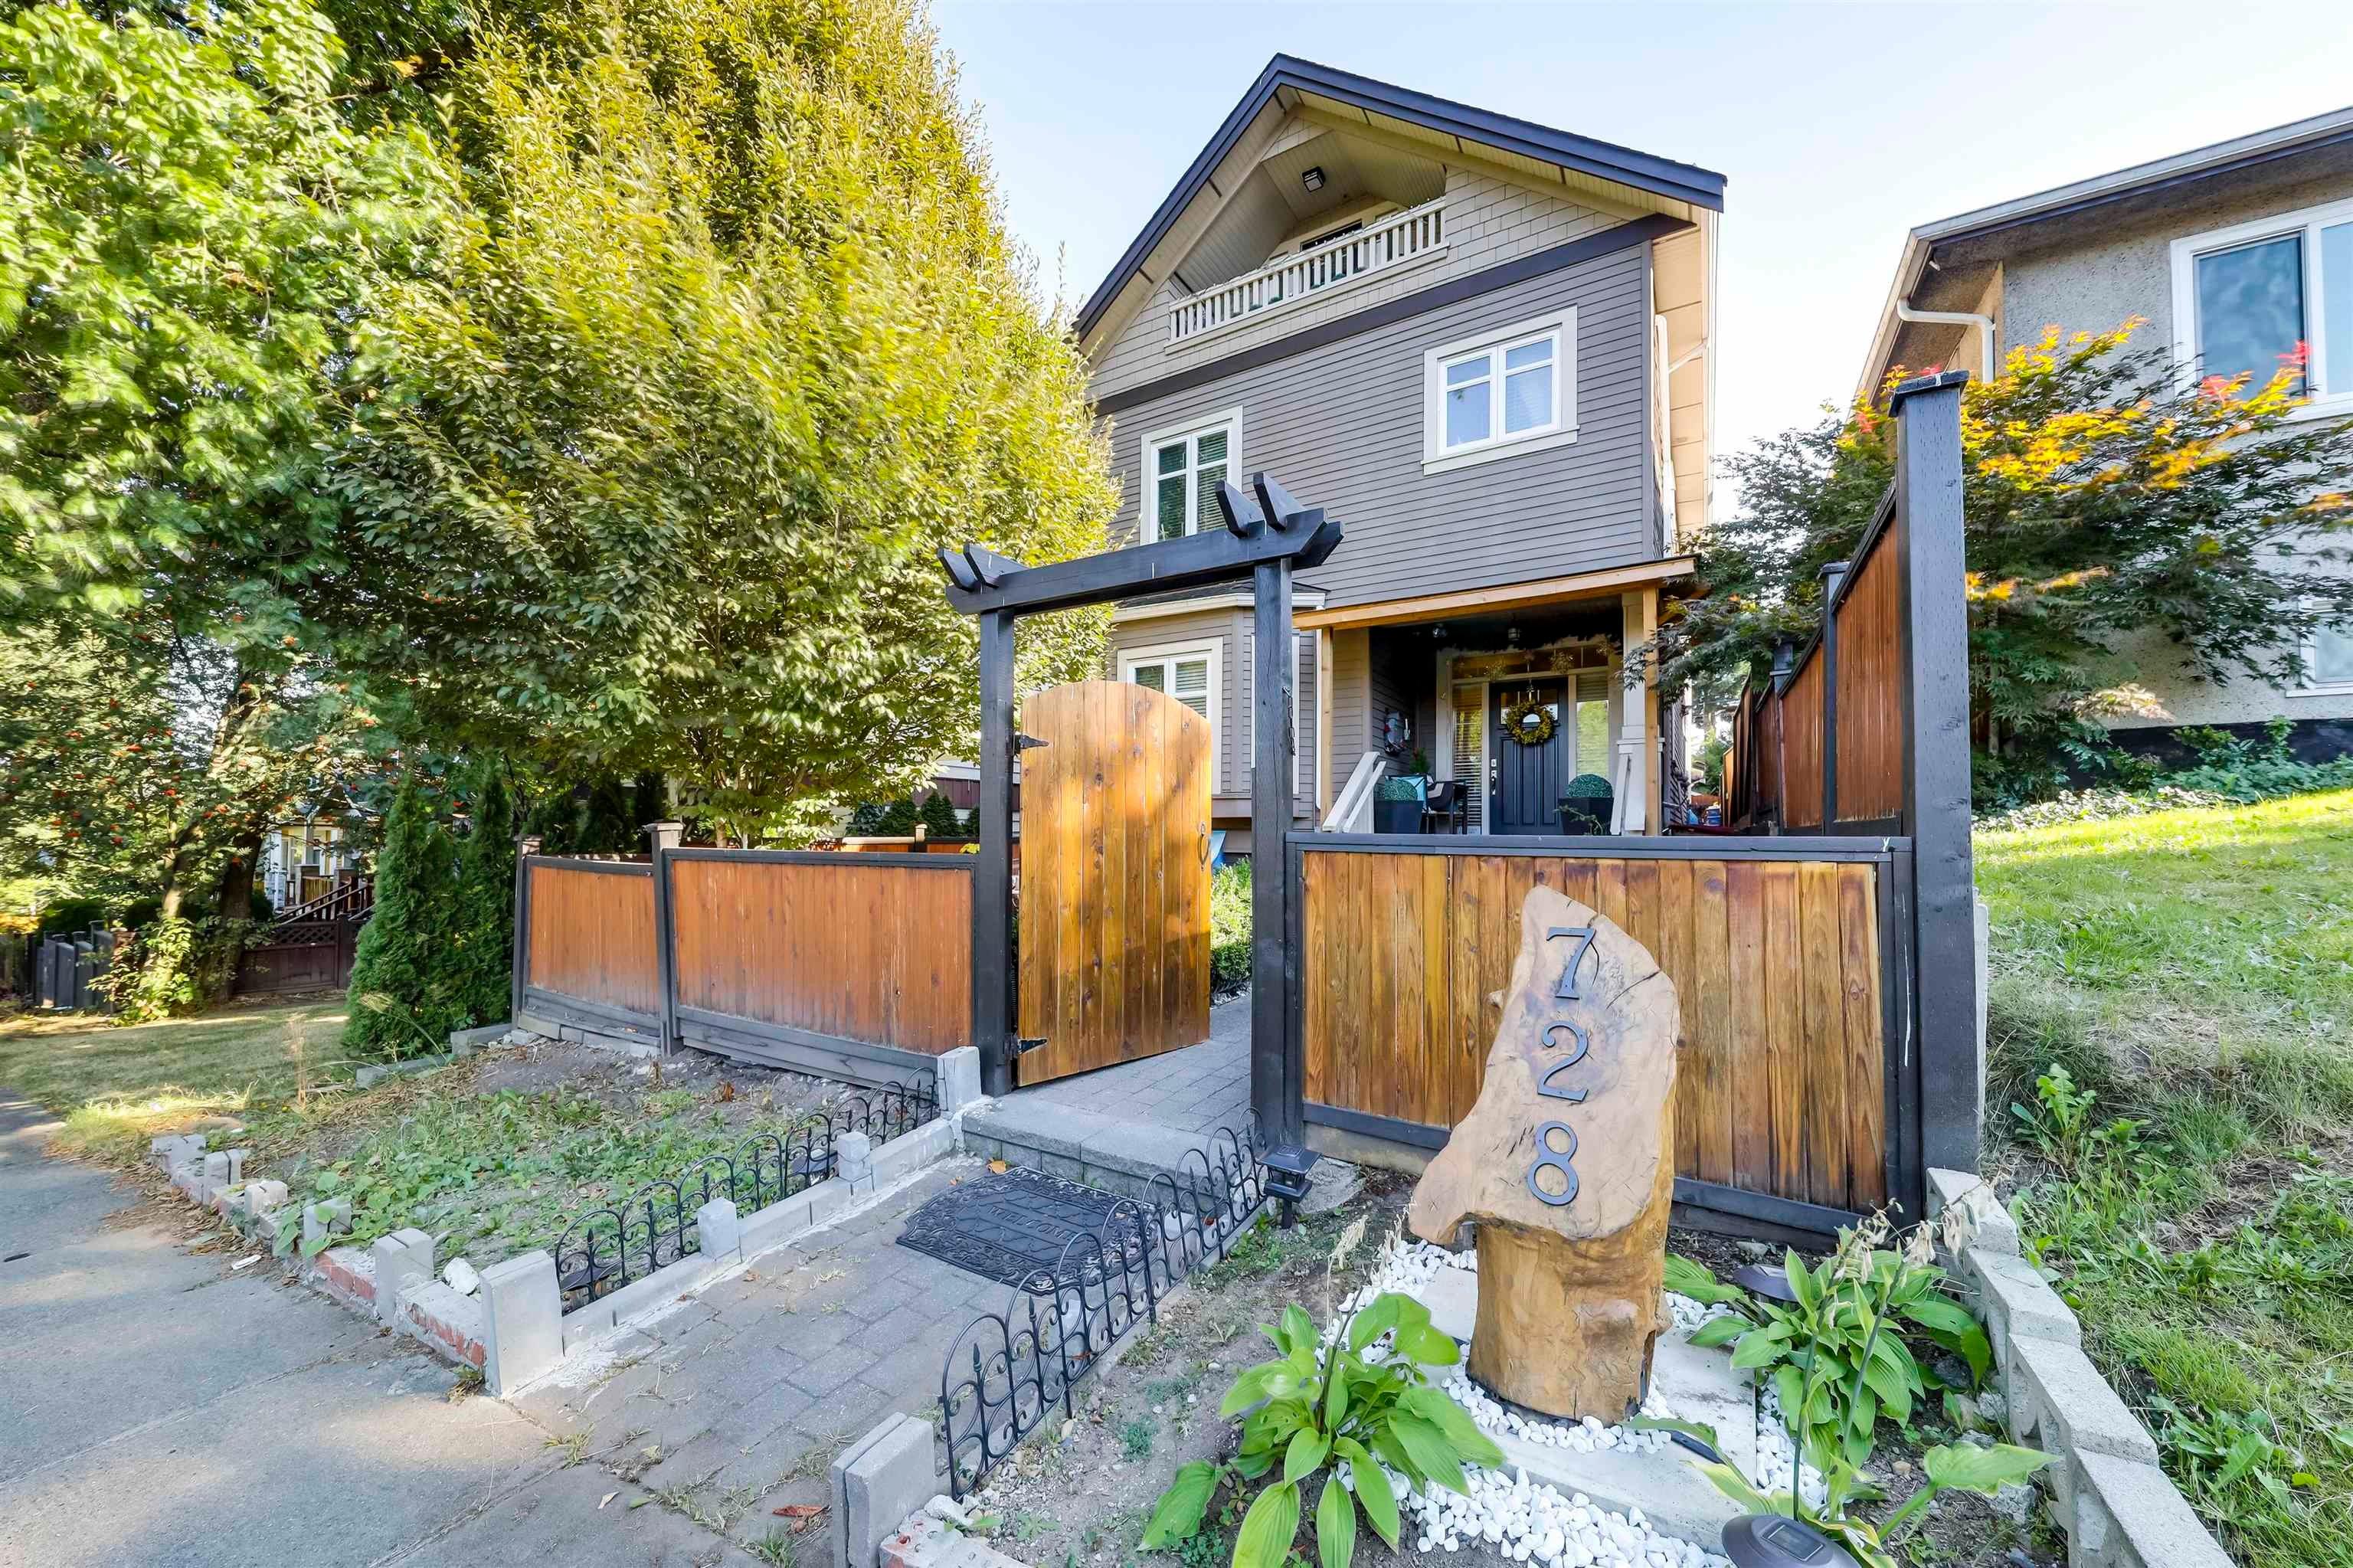 728 E 12TH AVENUE - Mount Pleasant VE 1/2 Duplex for sale, 4 Bedrooms (R2622525) - #1